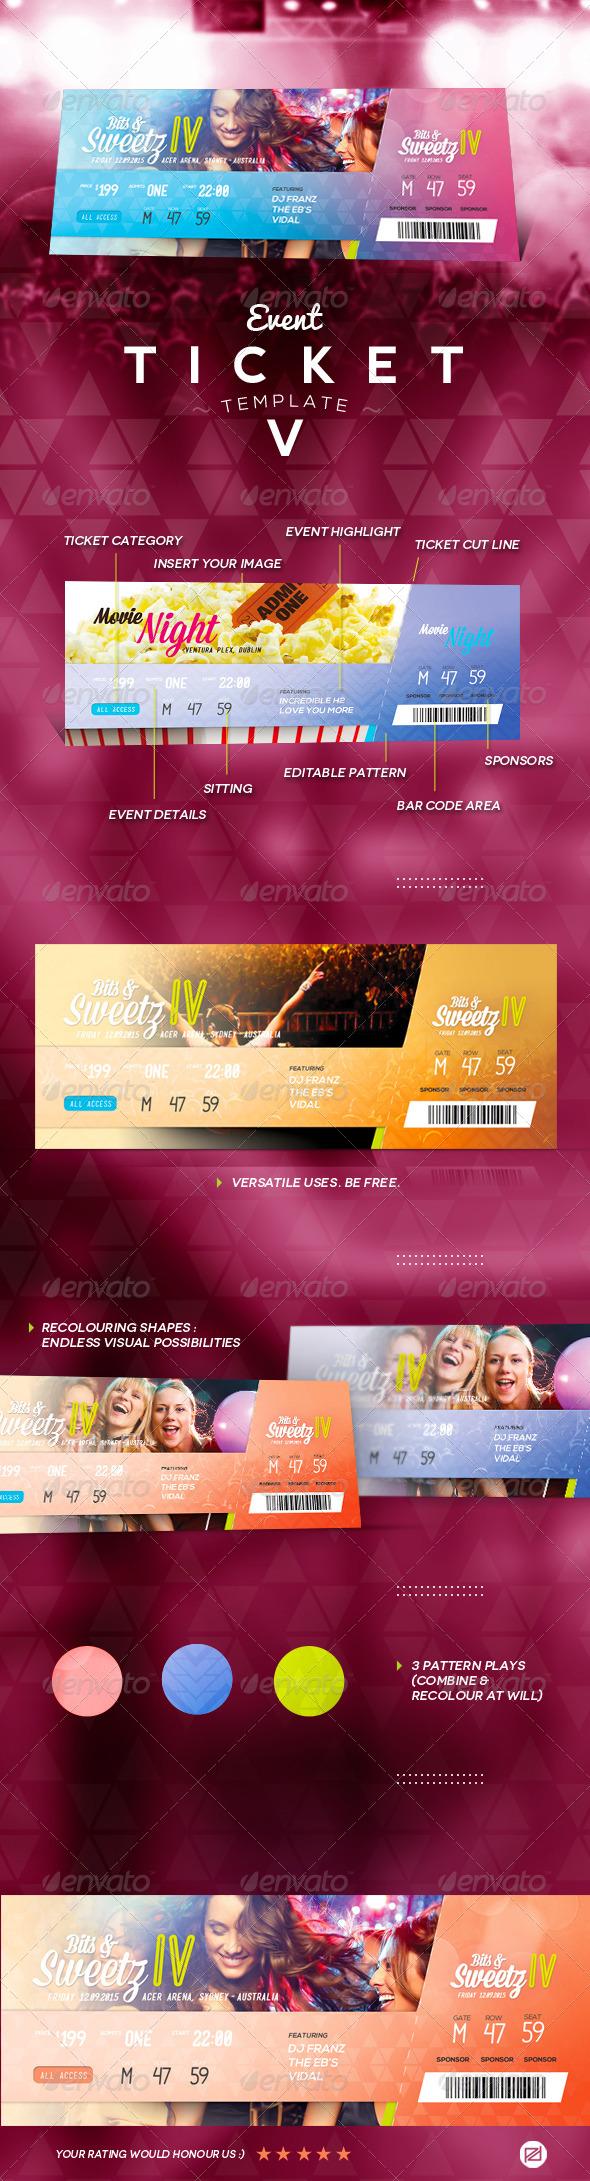 GraphicRiver Event Ticket Template V 7660664